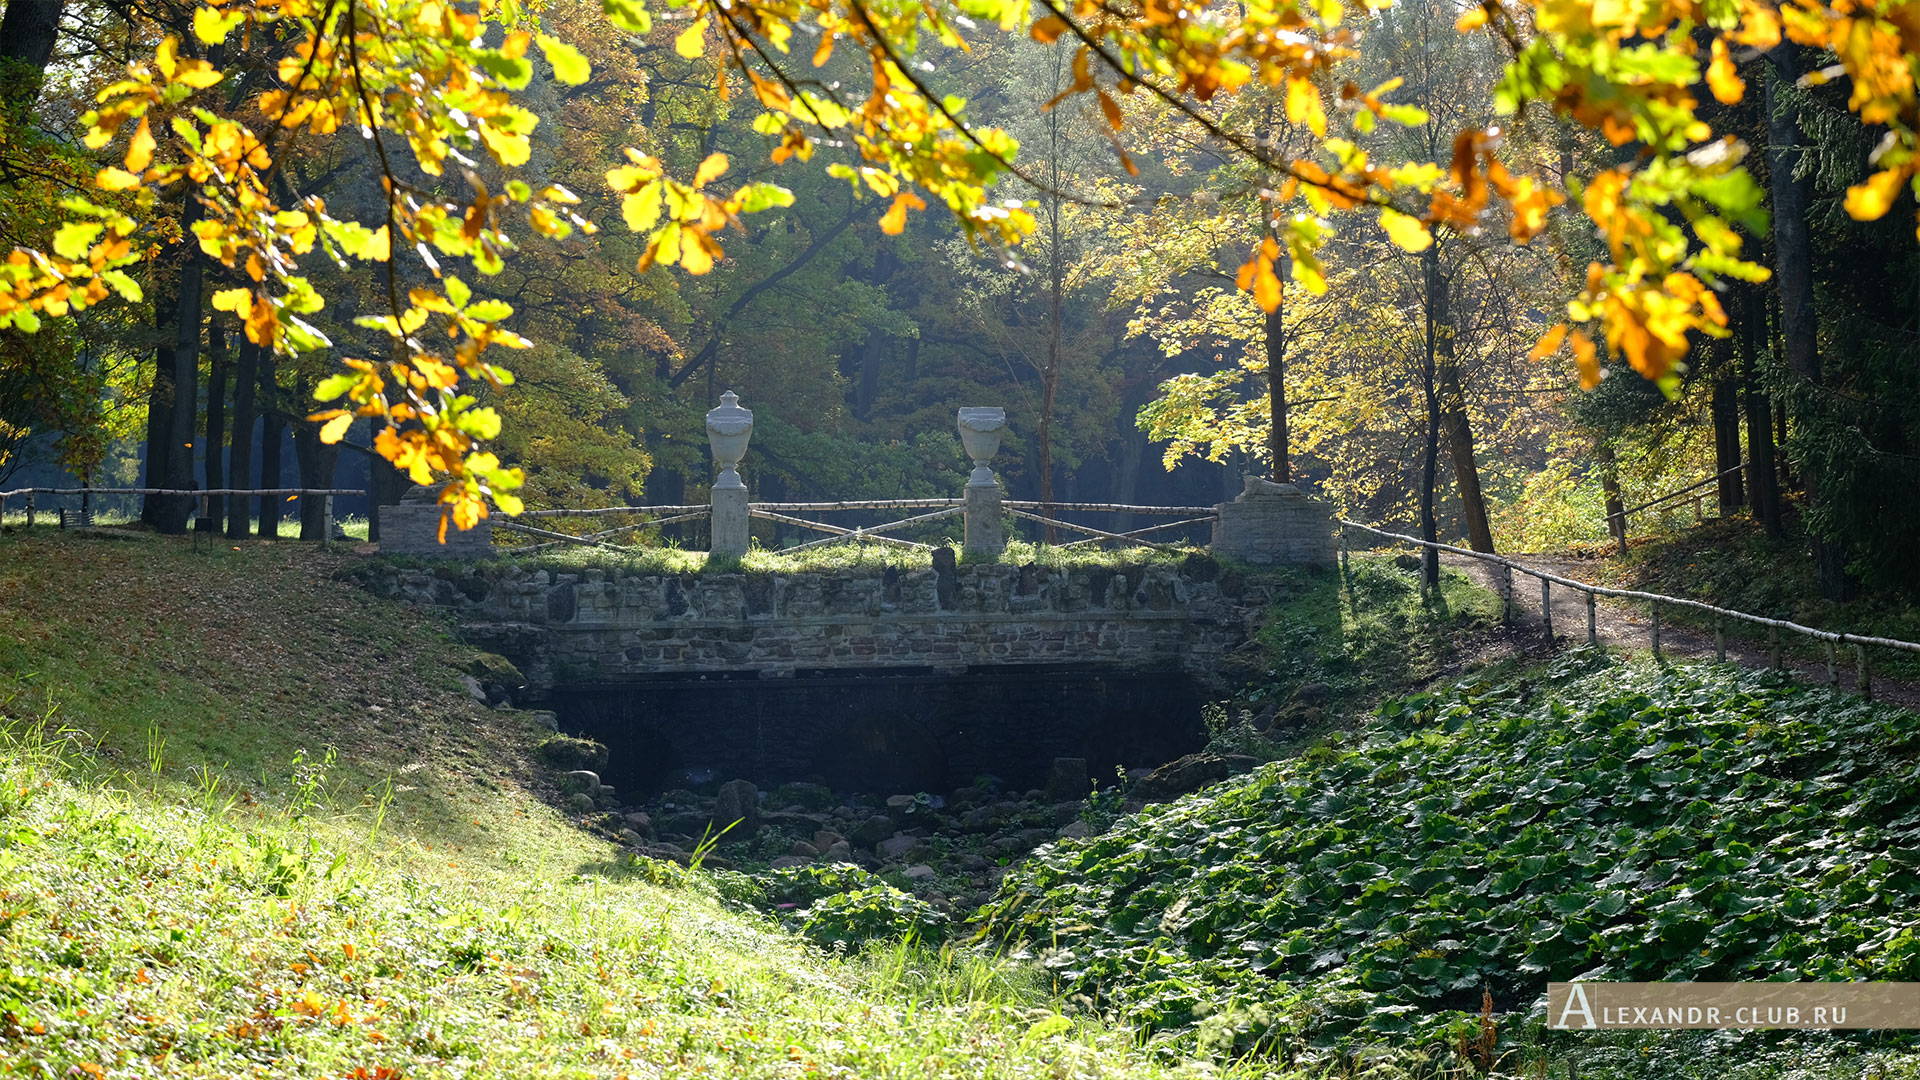 Павловск, осень, Павловский парк, Руинный каскад